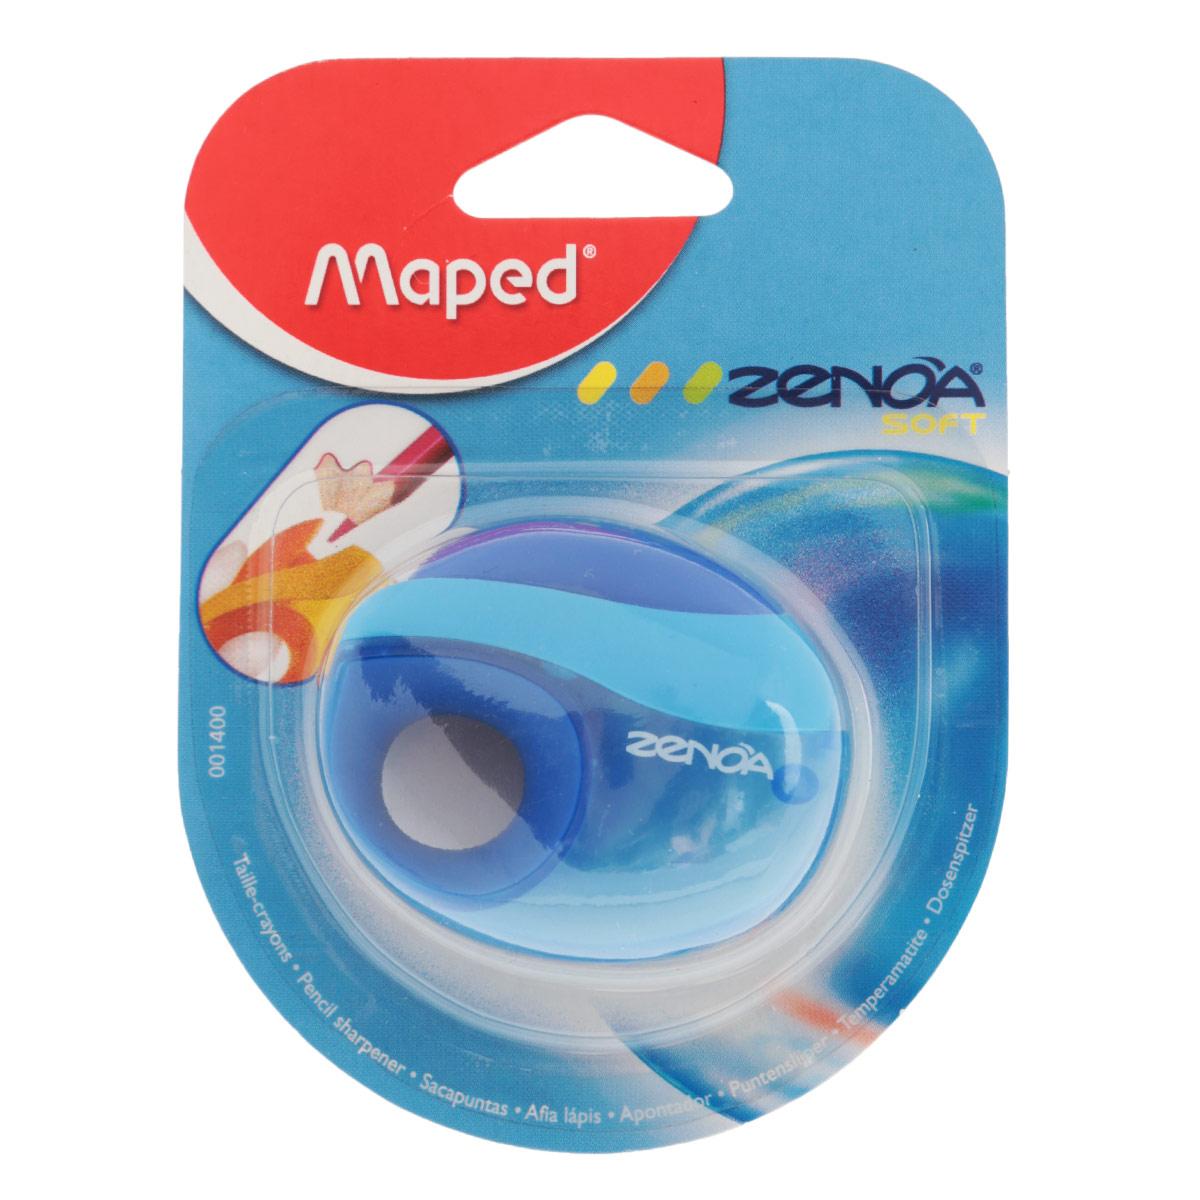 Точилка Maped Zenoa, с контейнером, цвет: синий1400_синийТочилка Zenoa выполнена из ударопрочного пластика. Имеется мягкий держатель для пальцев. Закрывается автоматически после использования, чтобы избежать попадания крошек графита в пенал. Полупрозрачный контейнер для сбора стружки позволяет визуально контролировать уровень заполнения и вовремя производить очистку.